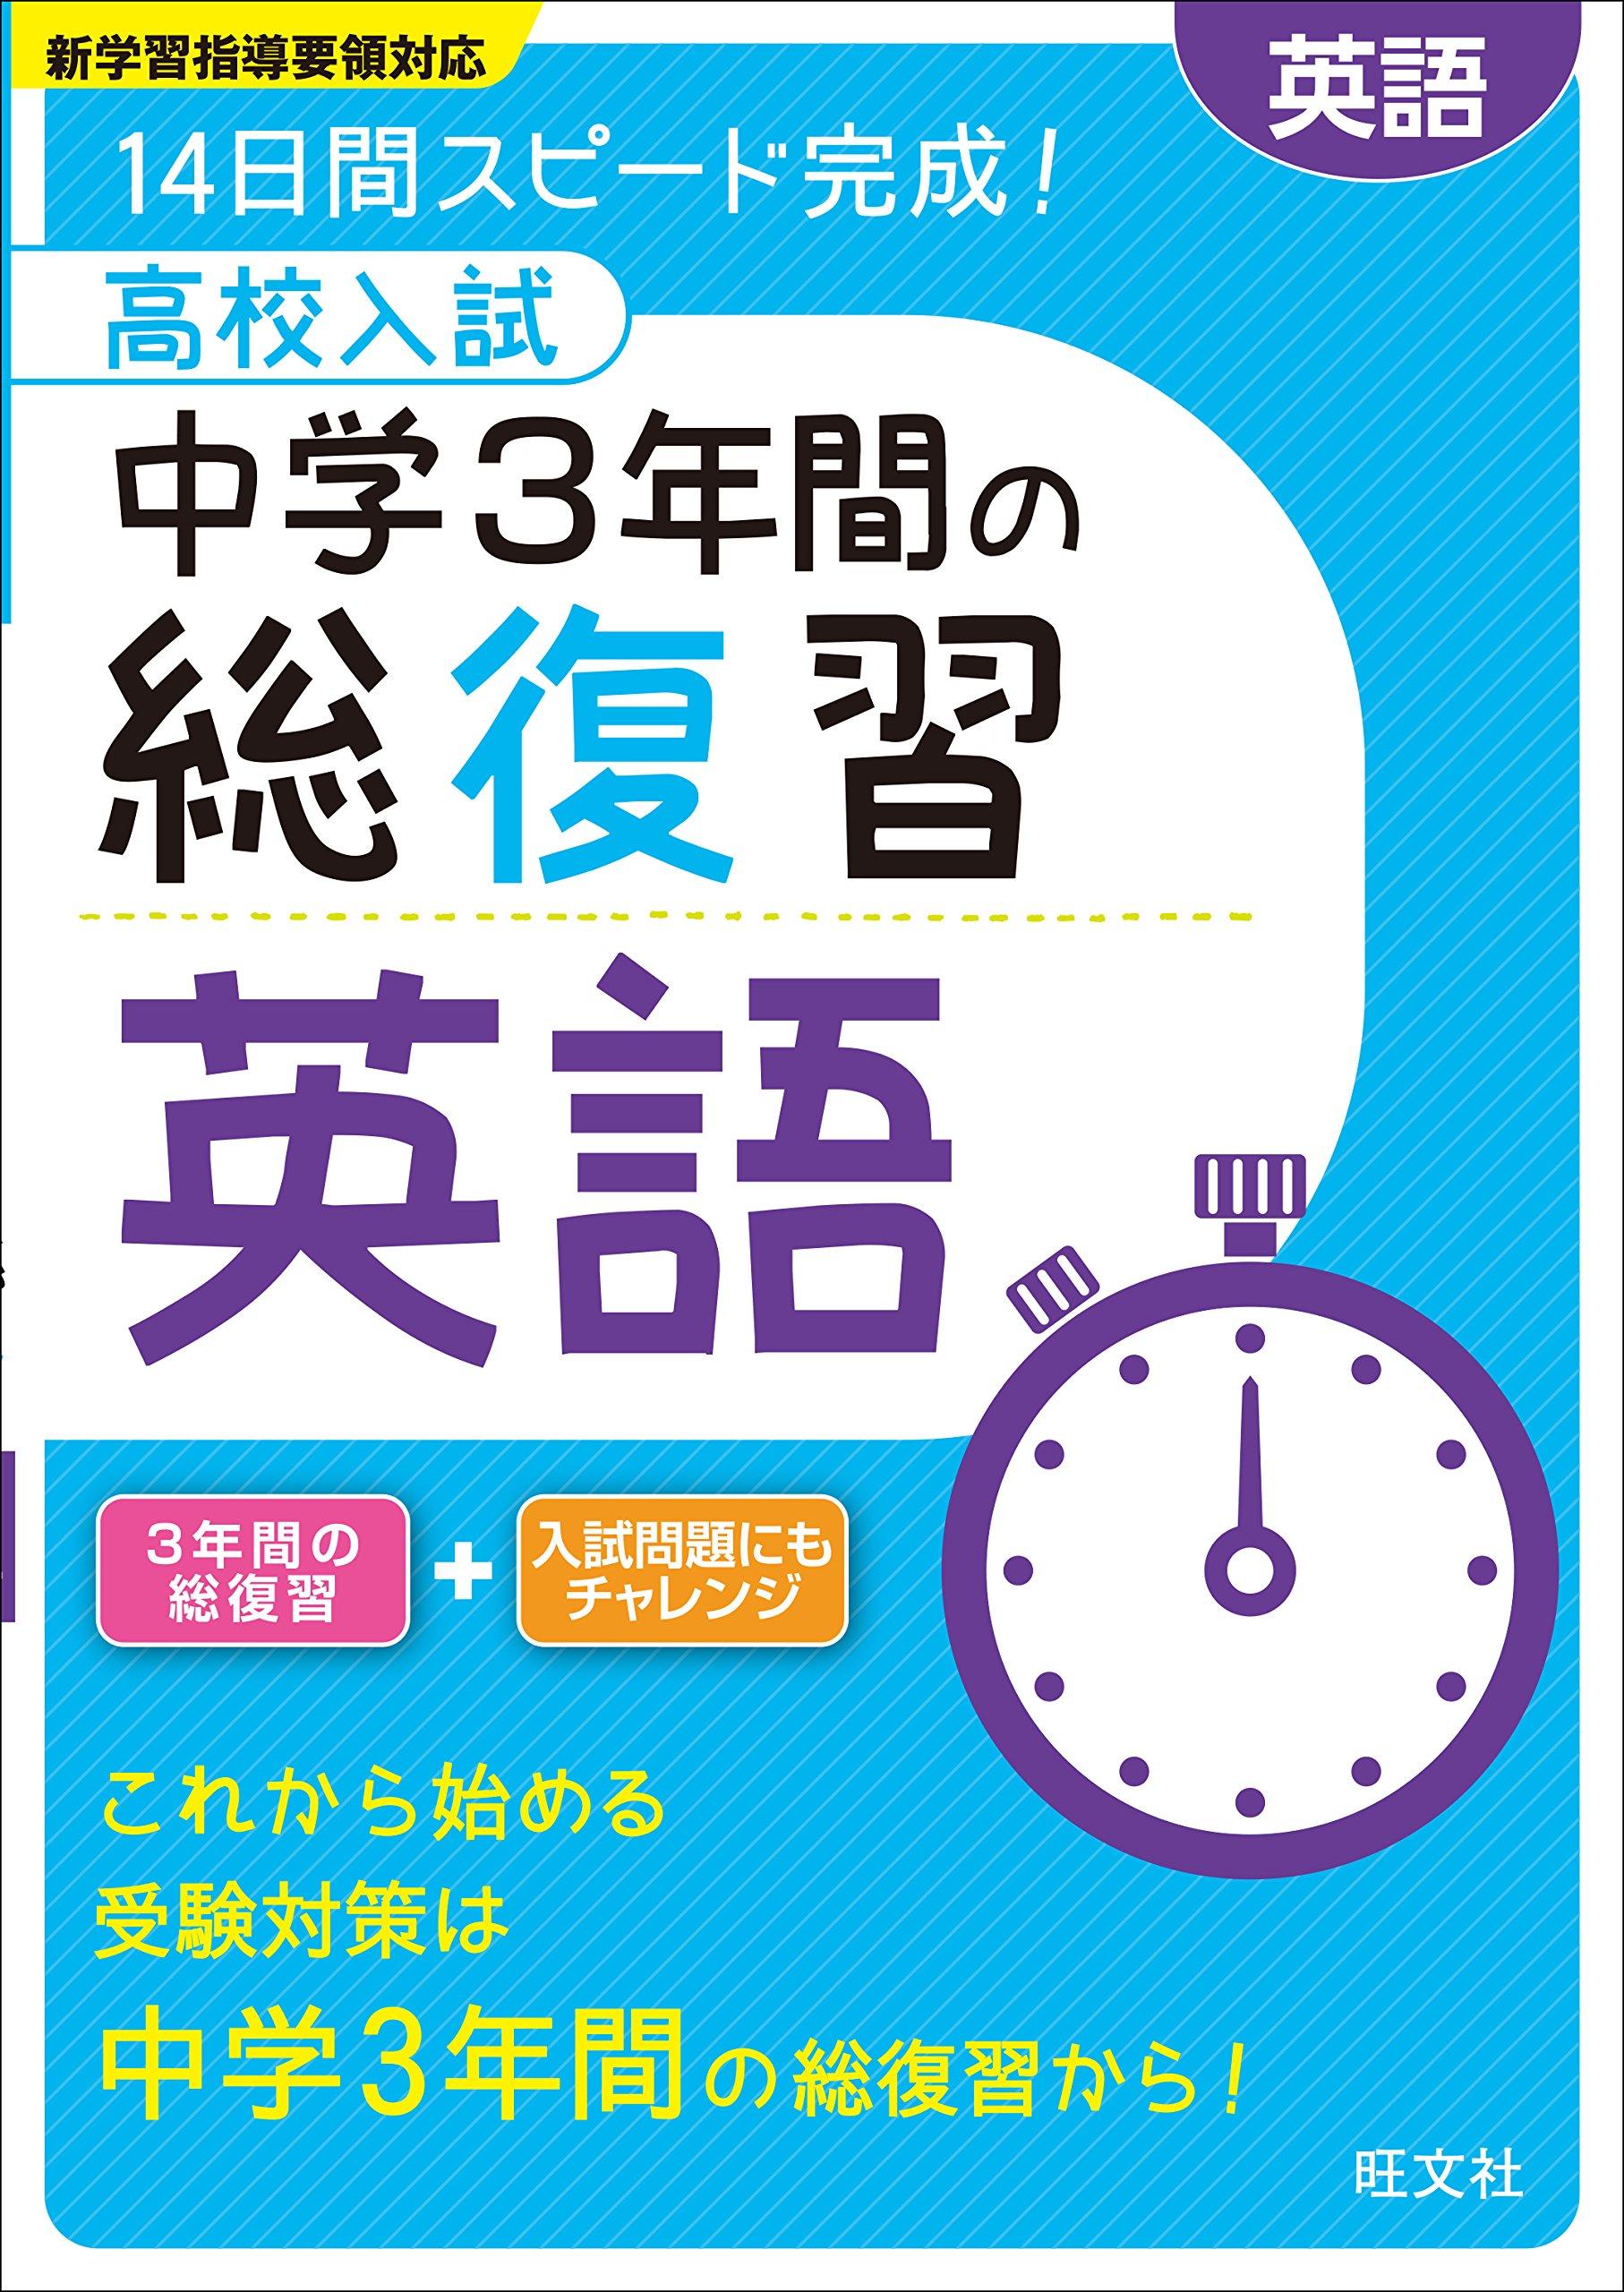 スクランブル英文法・語法Basic ... : 中学 英文法 問題 : 中学